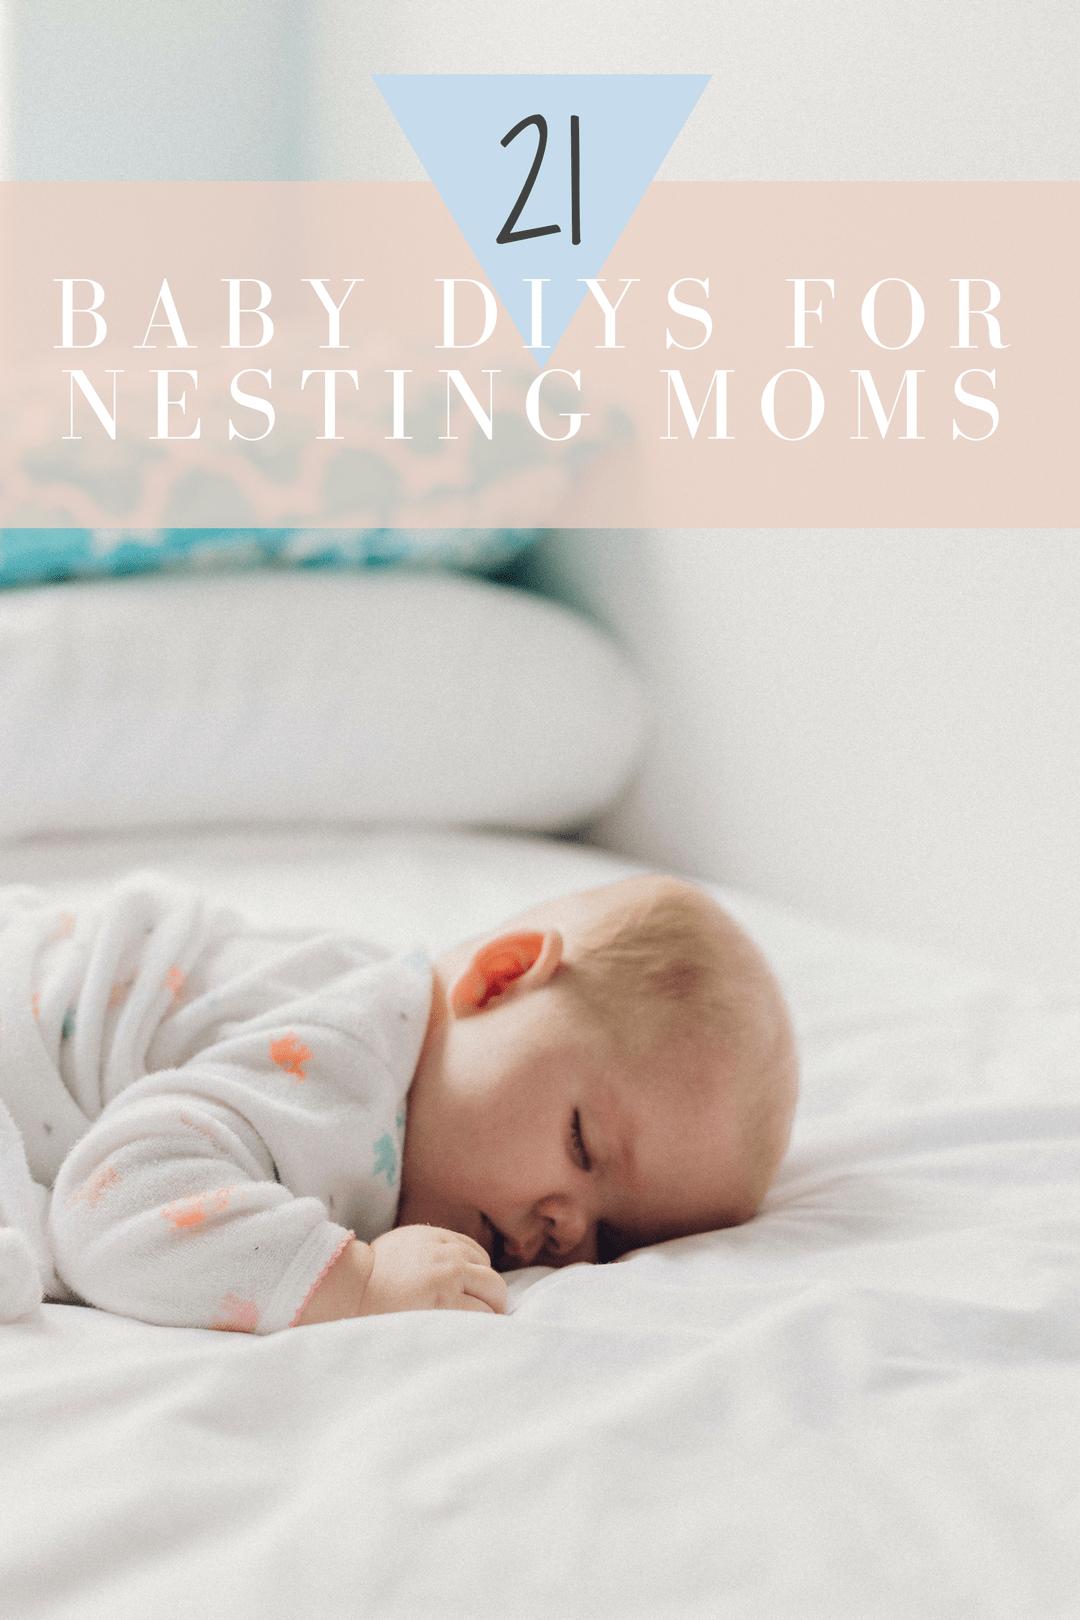 21 baby diys for nesting moms